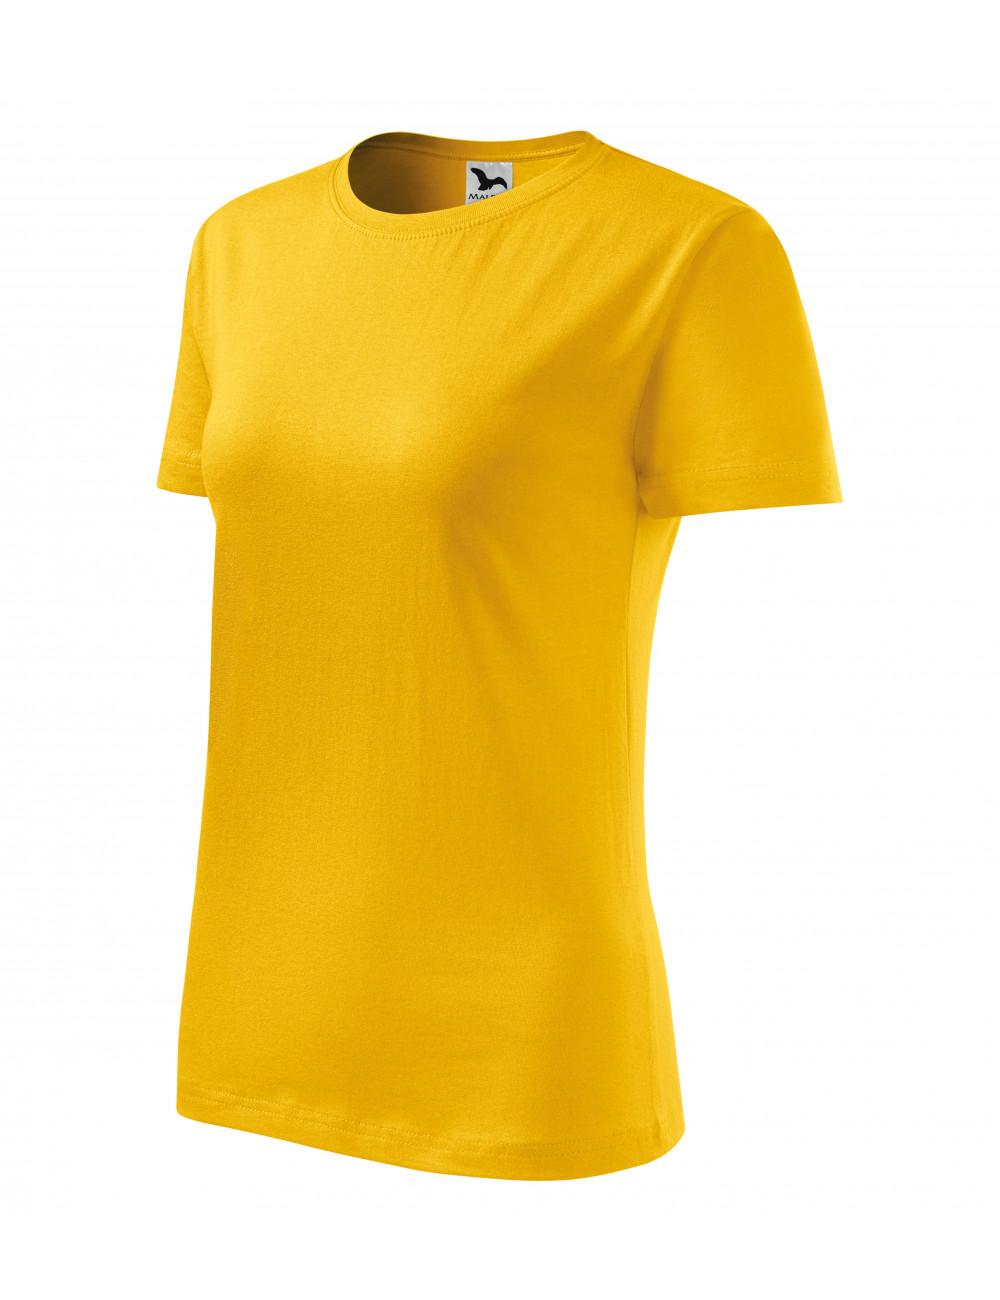 Adler MALFINI Koszulka damska Classic New 133 żółty